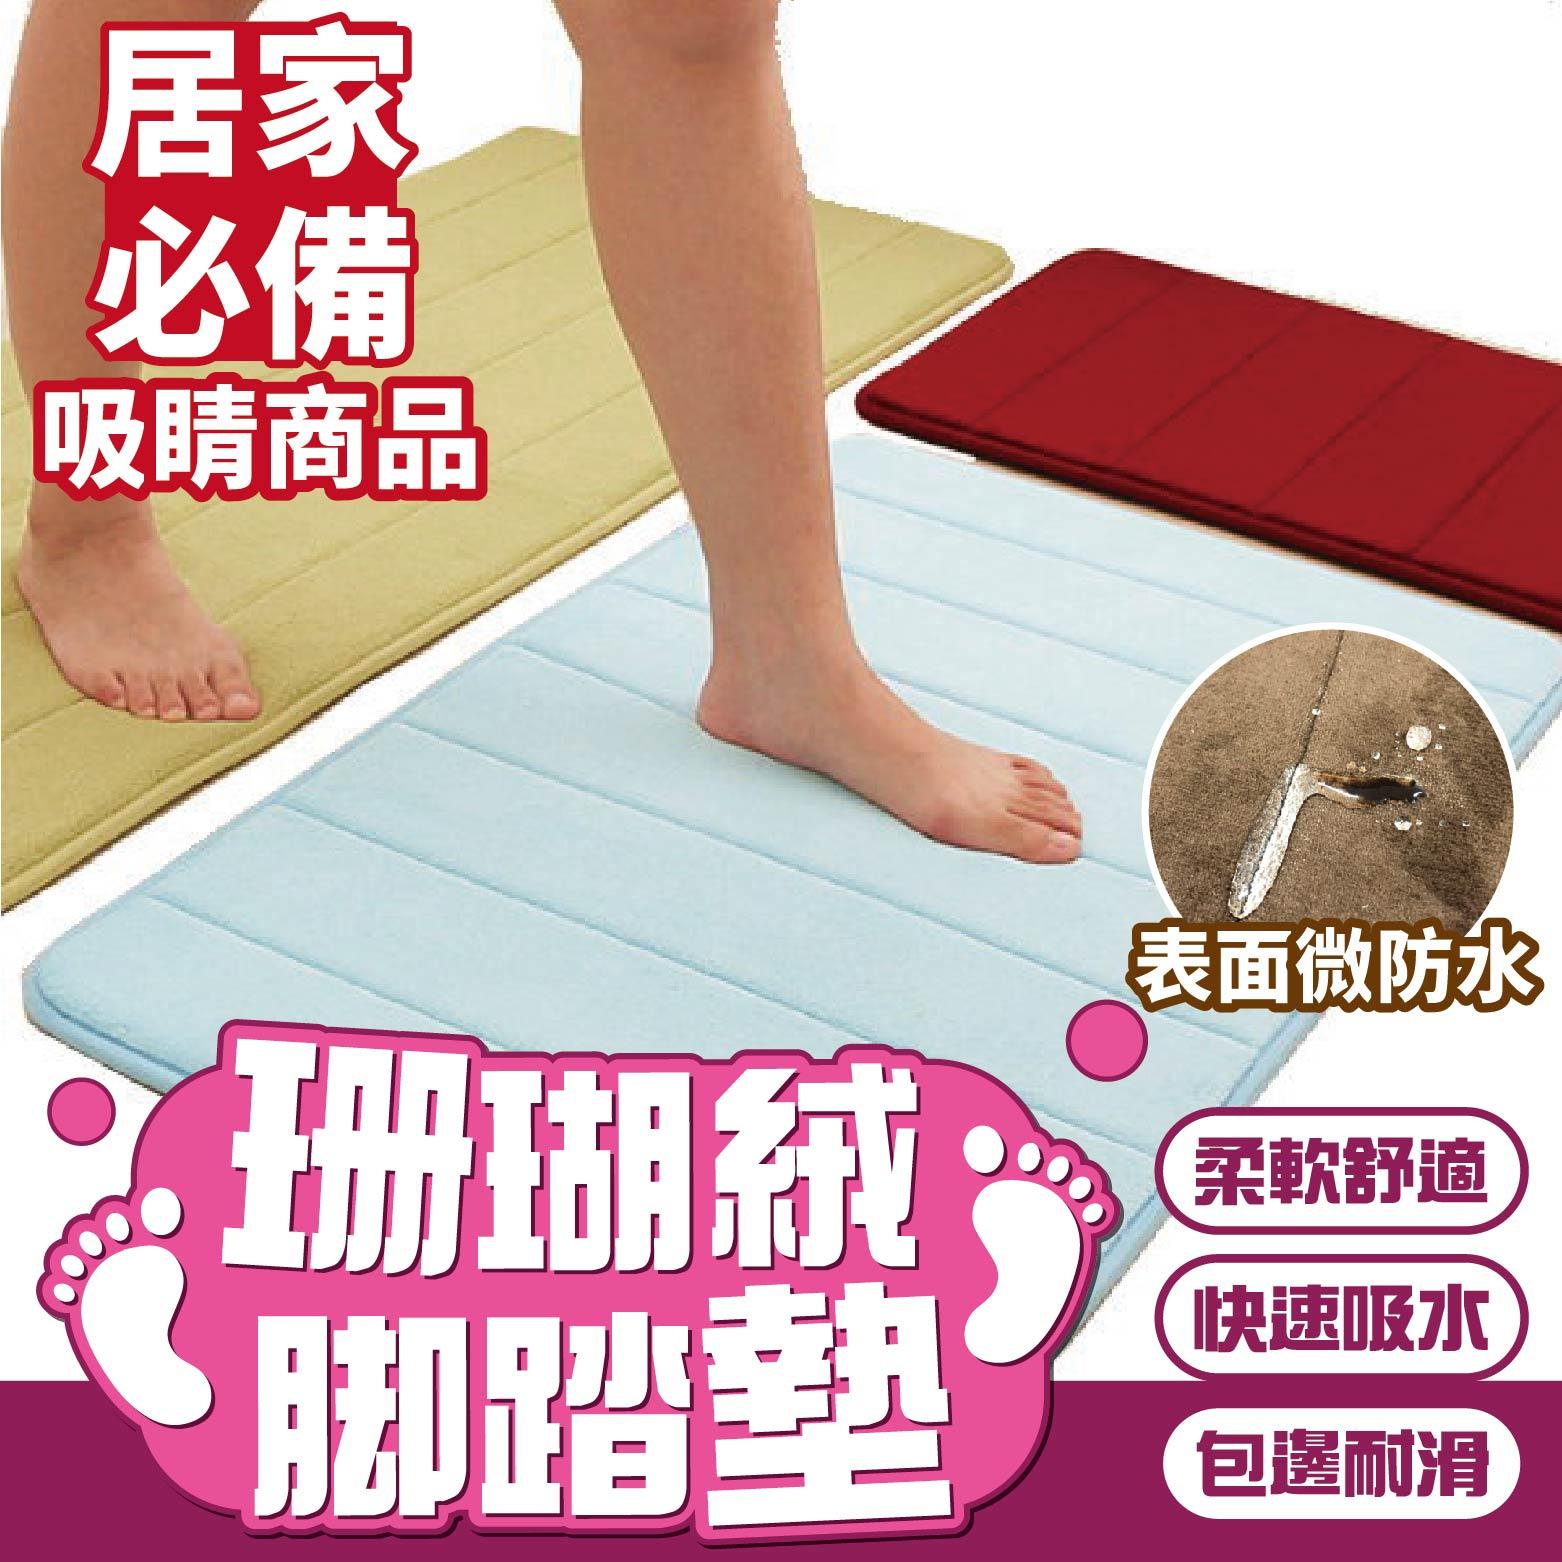 百寶袋-加厚珊瑚絨地毯 豎條紋地墊 腳踏墊 珊瑚絨記憶海棉慢回彈地墊 浴室廁所防滑墊 吸水地墊【BE220】